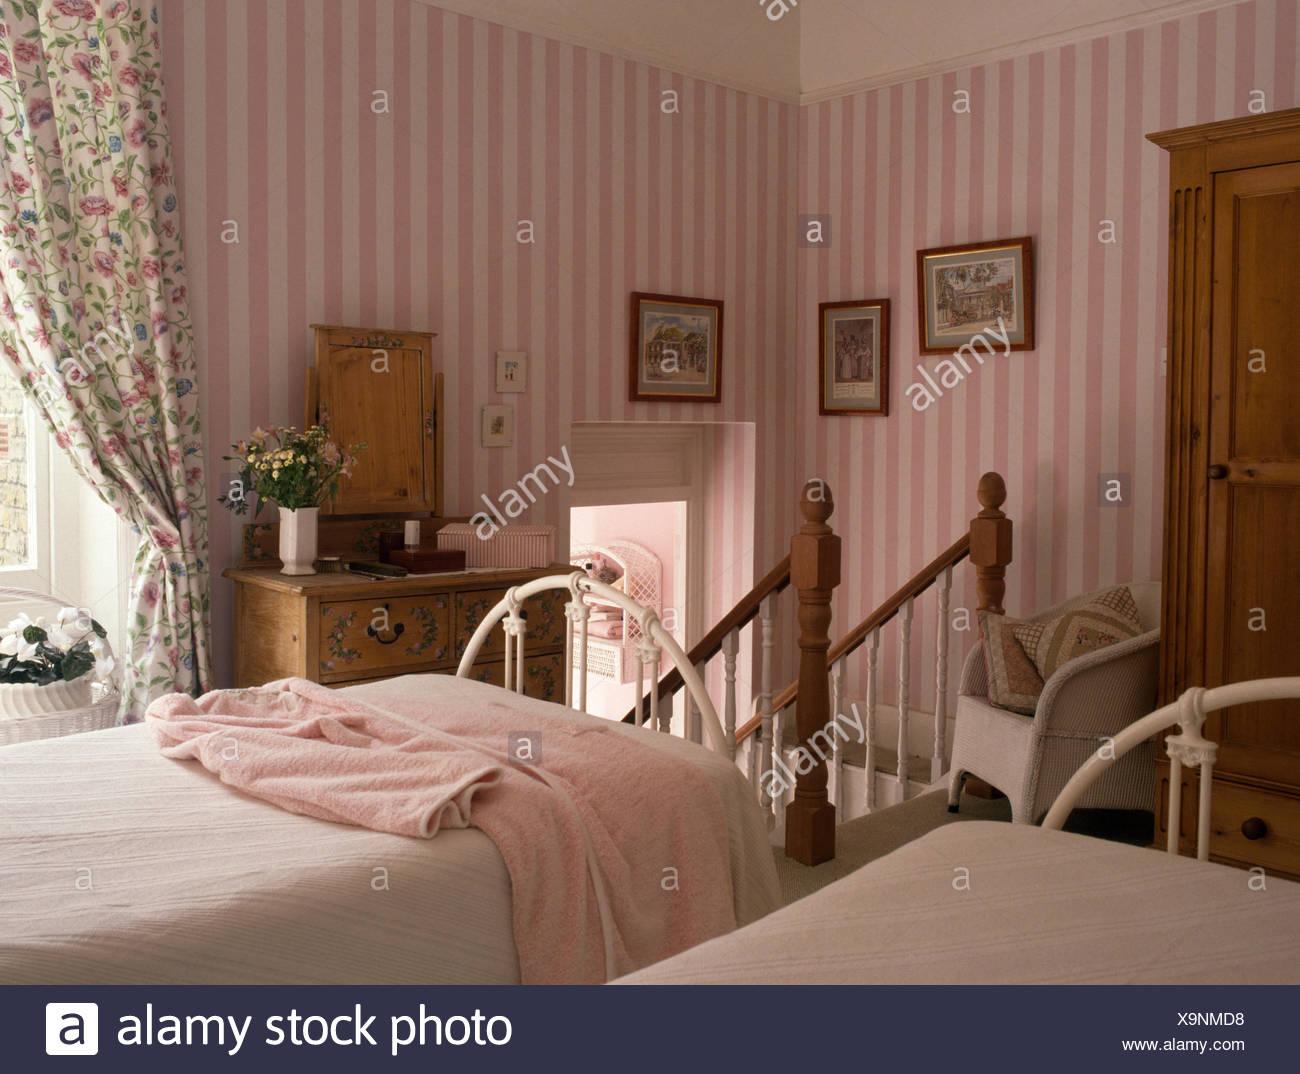 Rosa carta da parati a strisce nel paese camera da letto bianco con ...